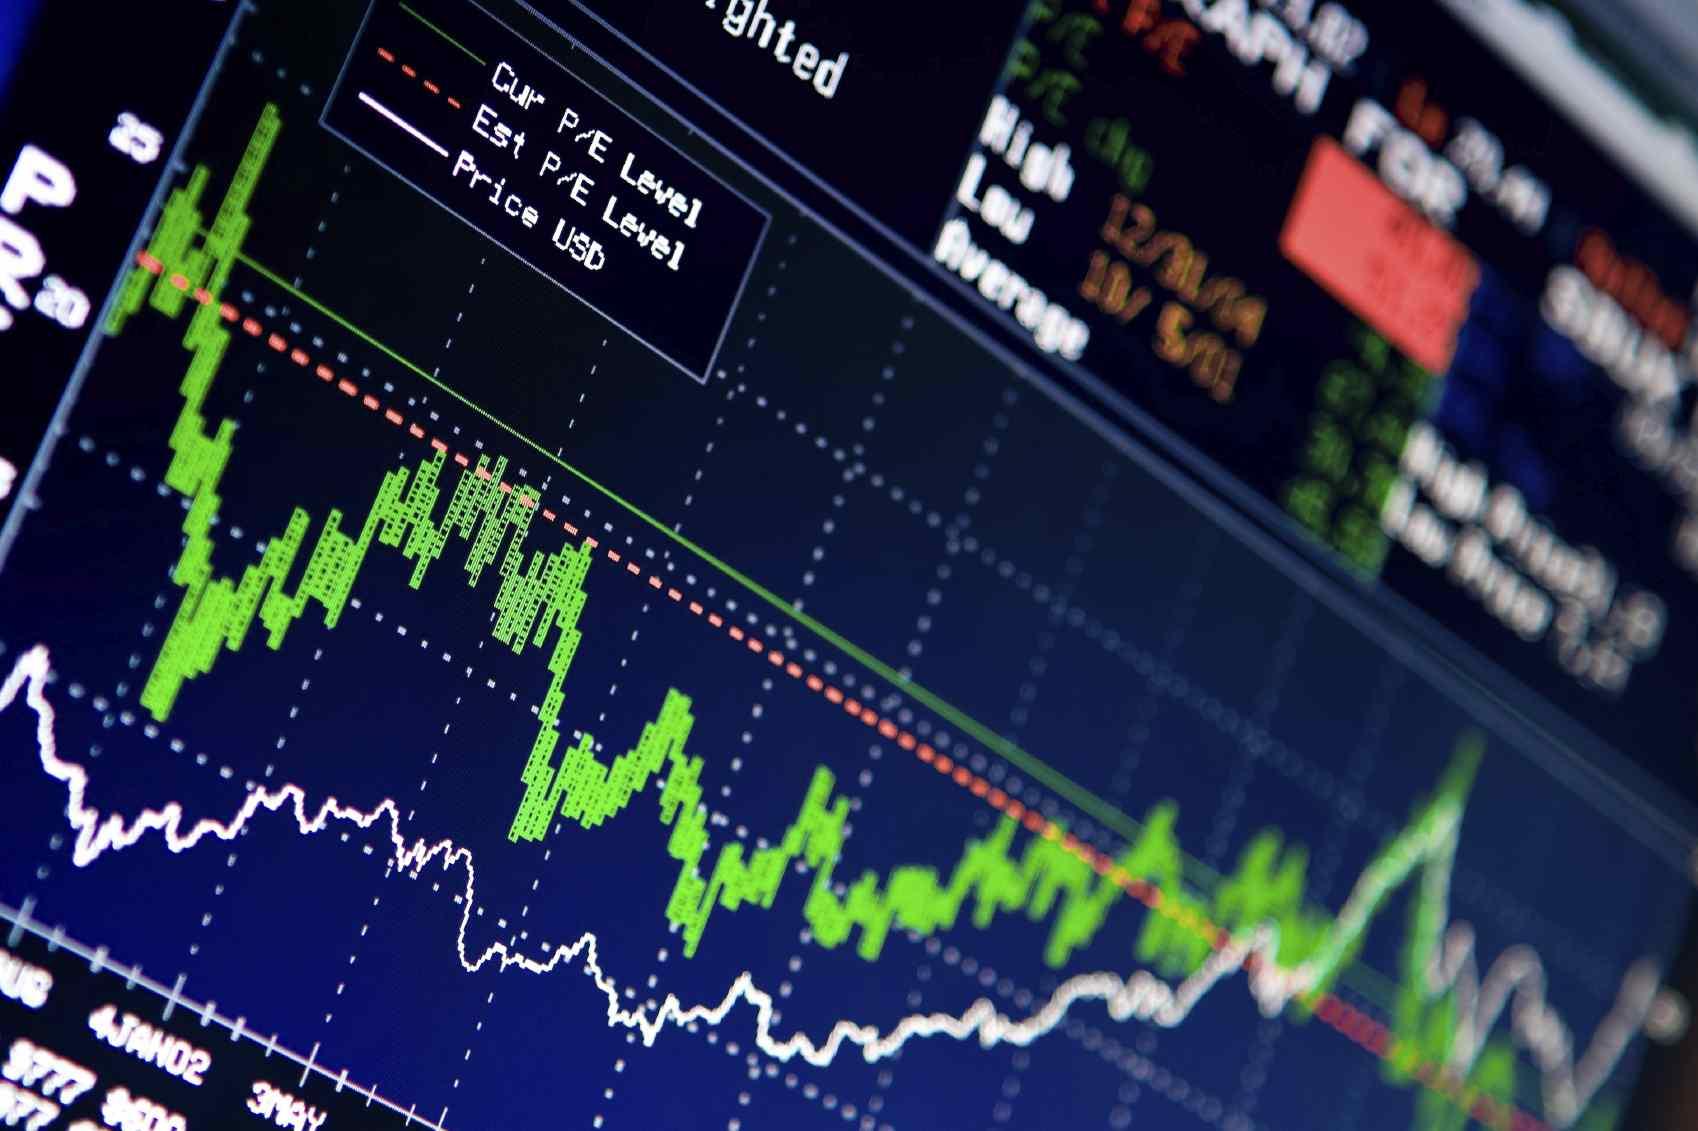 L'annuncio dimissioni non convince i mercati, spread quota 574 , borsa in caduta